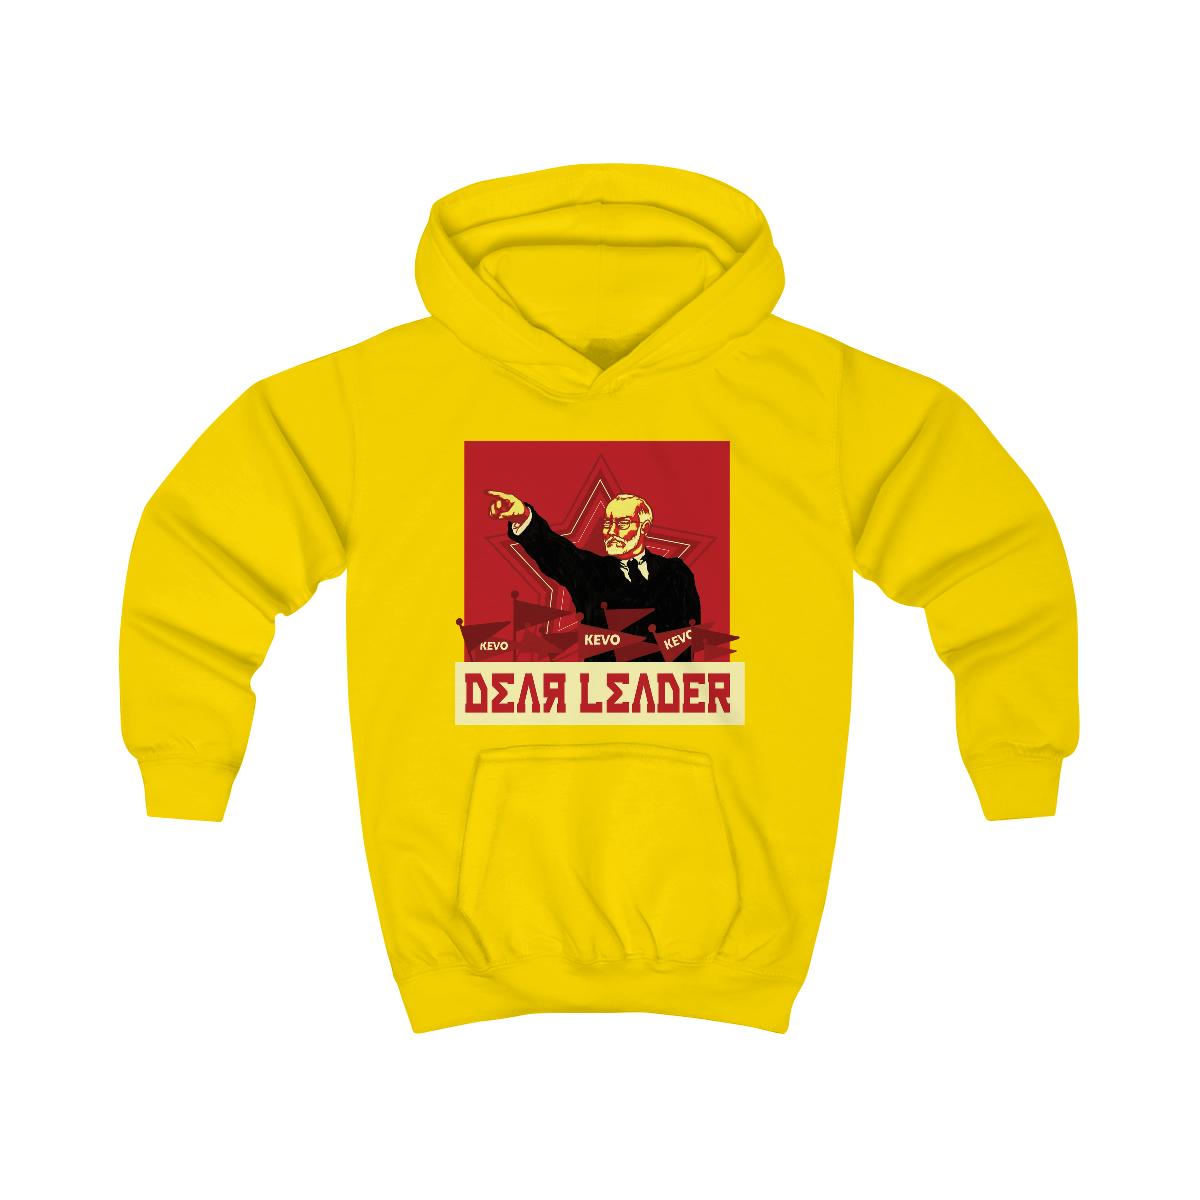 KIDS Dear Leader Hoodie